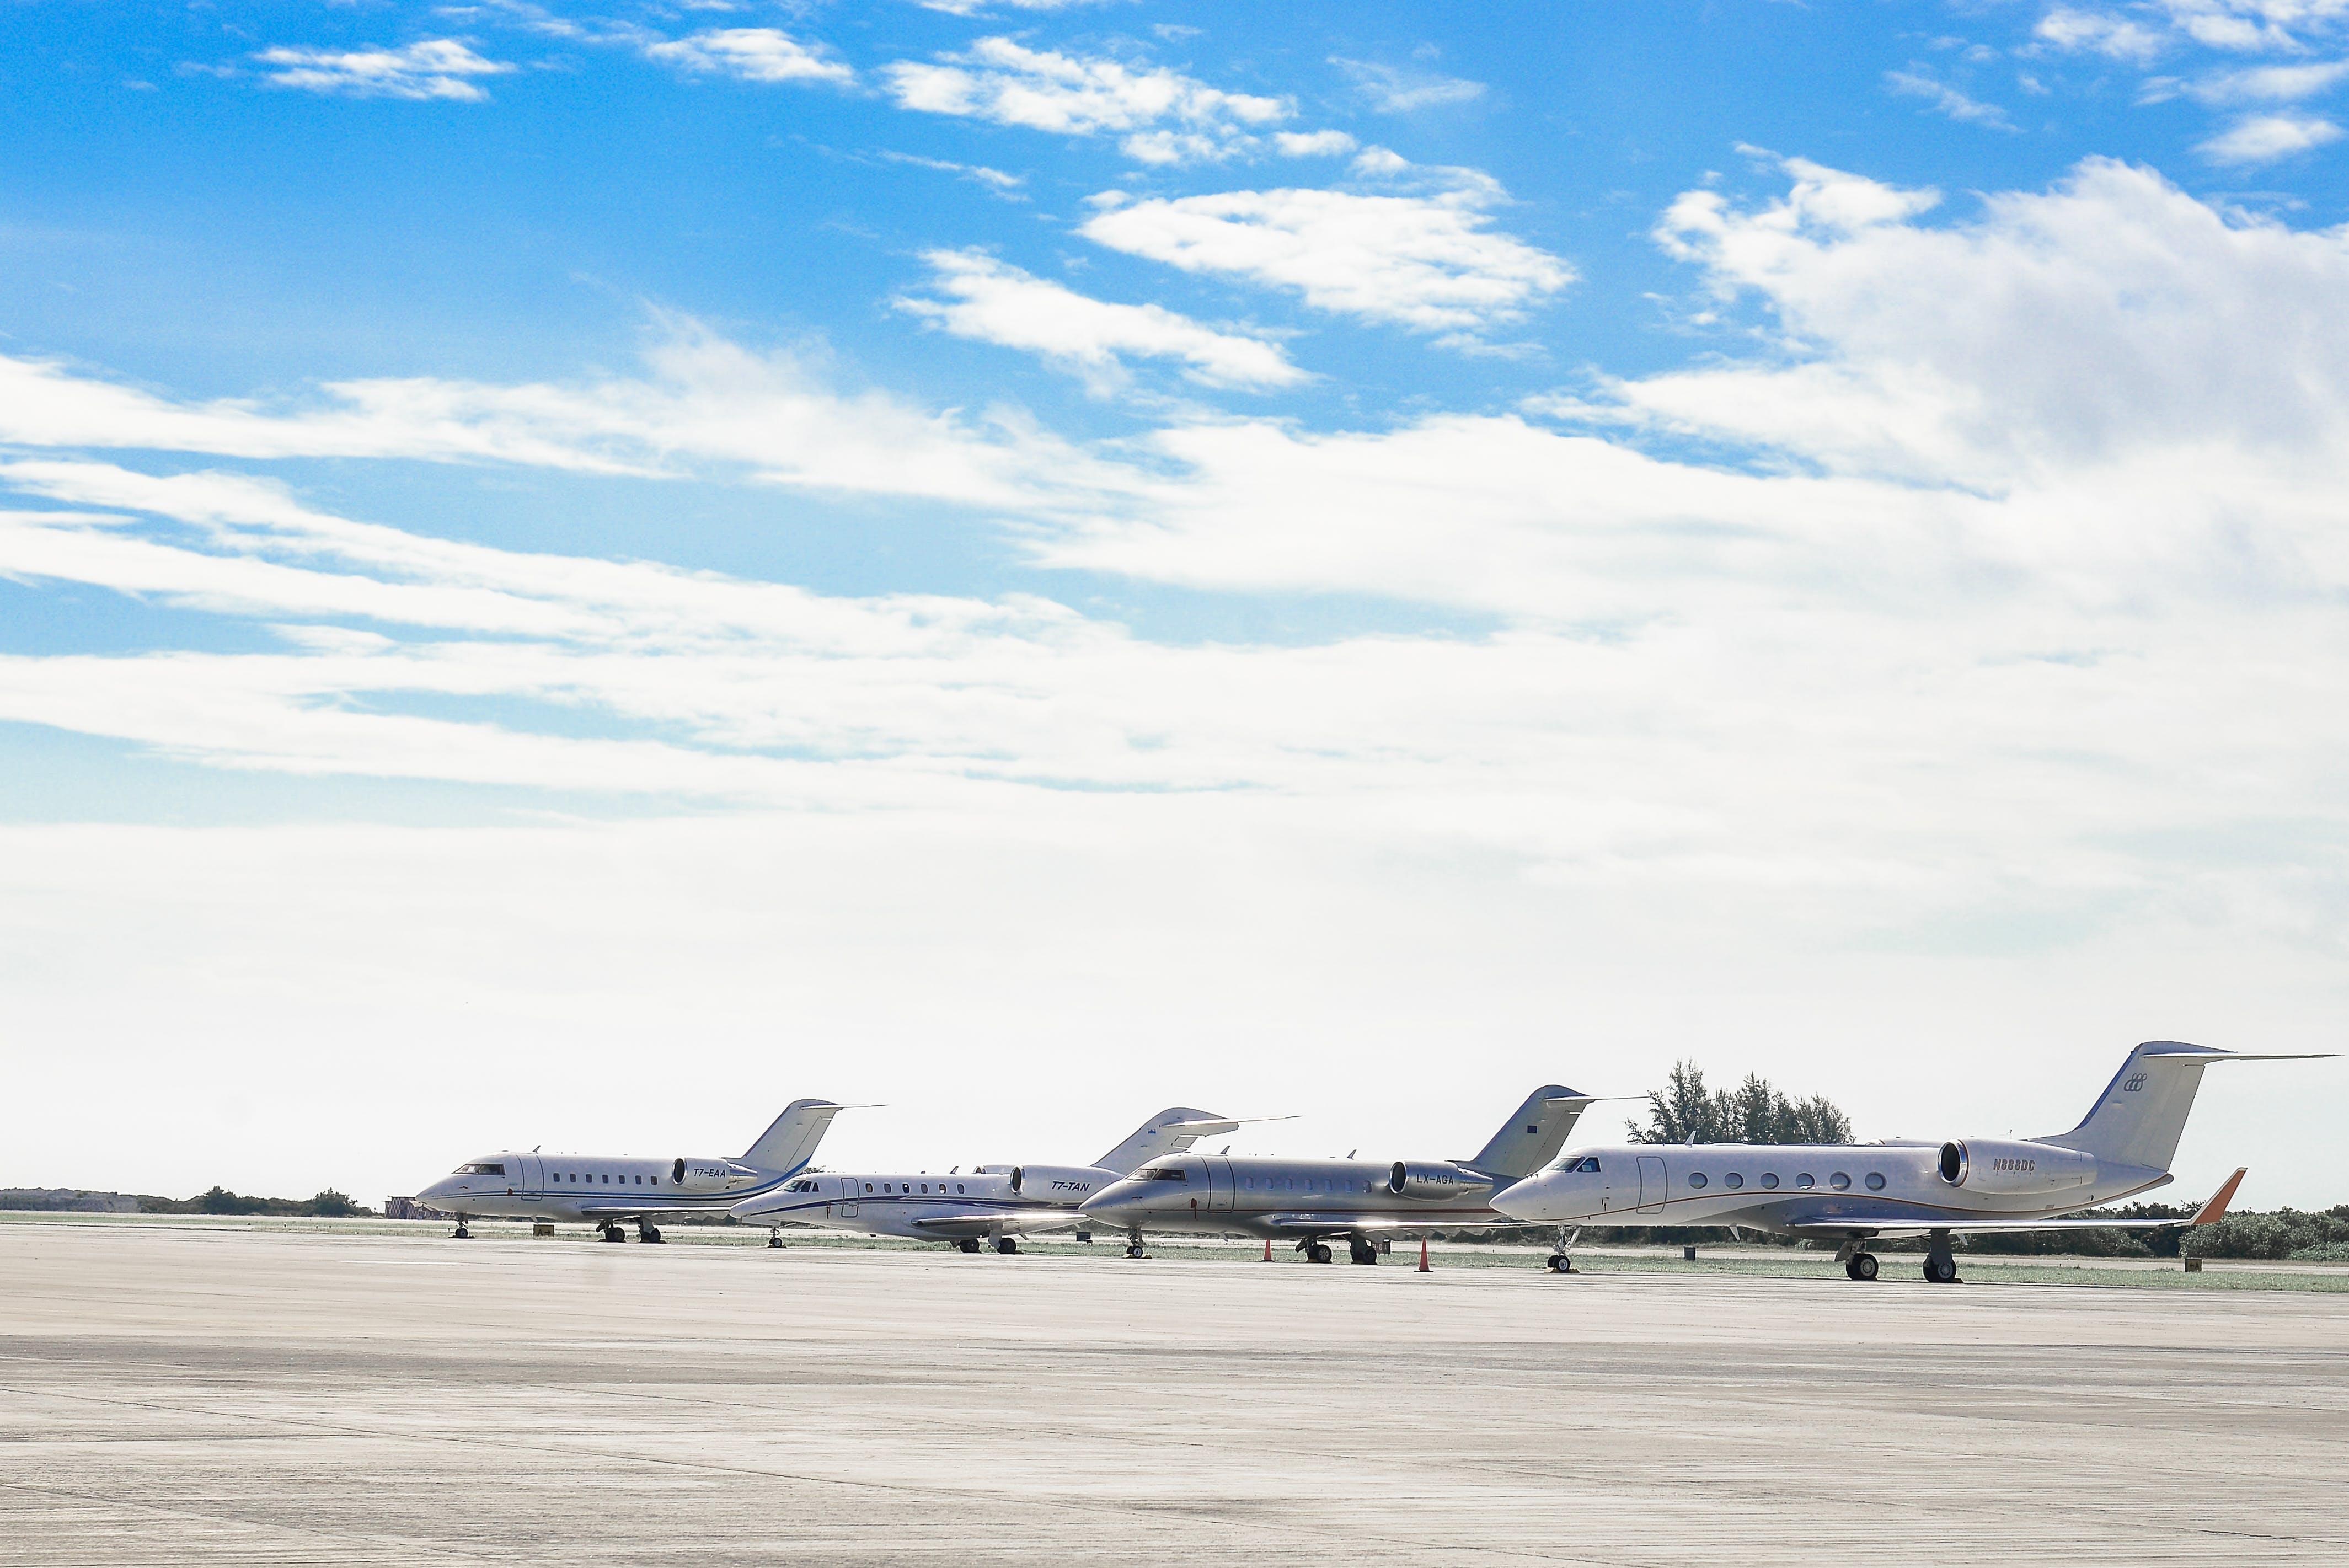 Δωρεάν στοκ φωτογραφιών με trans maldivian, αεριωθούμενο, αεροδρόμιο, αεροπλάνα